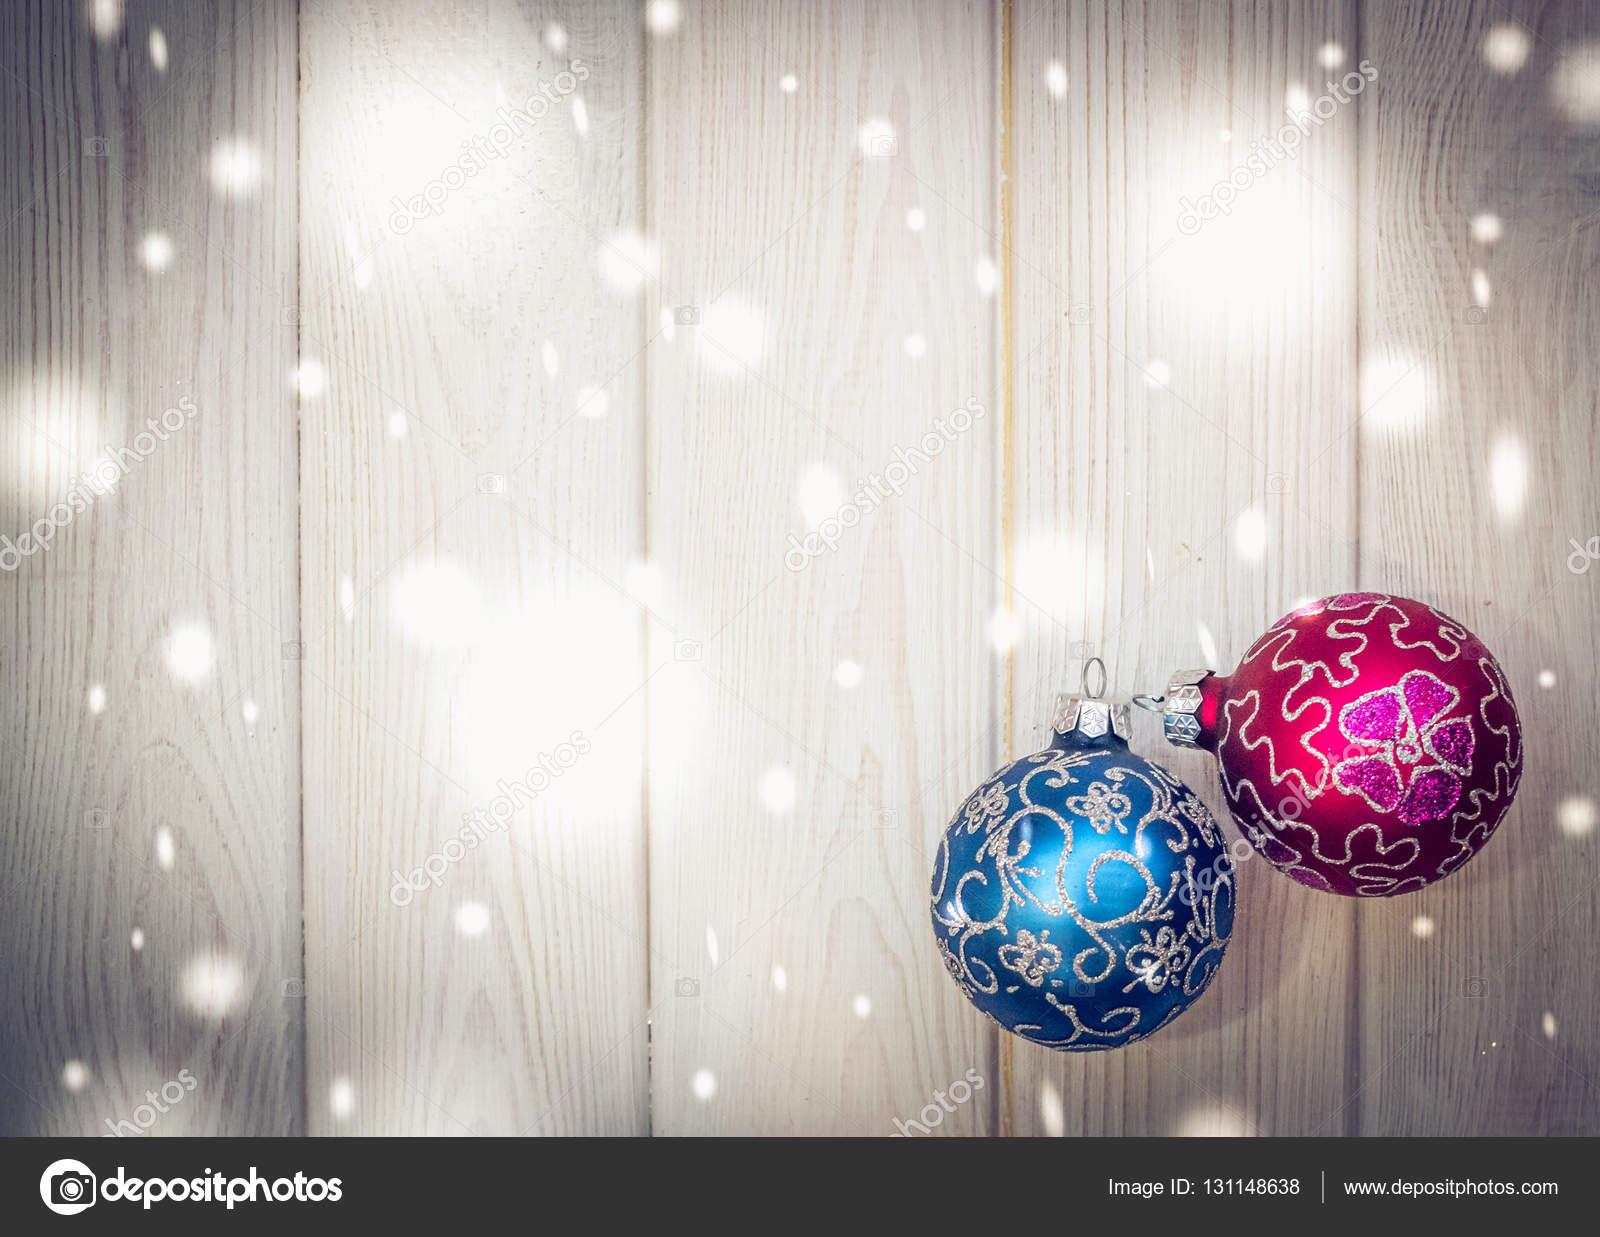 Fondo De Navidad Para Fotos: Fondo: Fondos Para Tarjetas De Navidad Y Año Nuevo